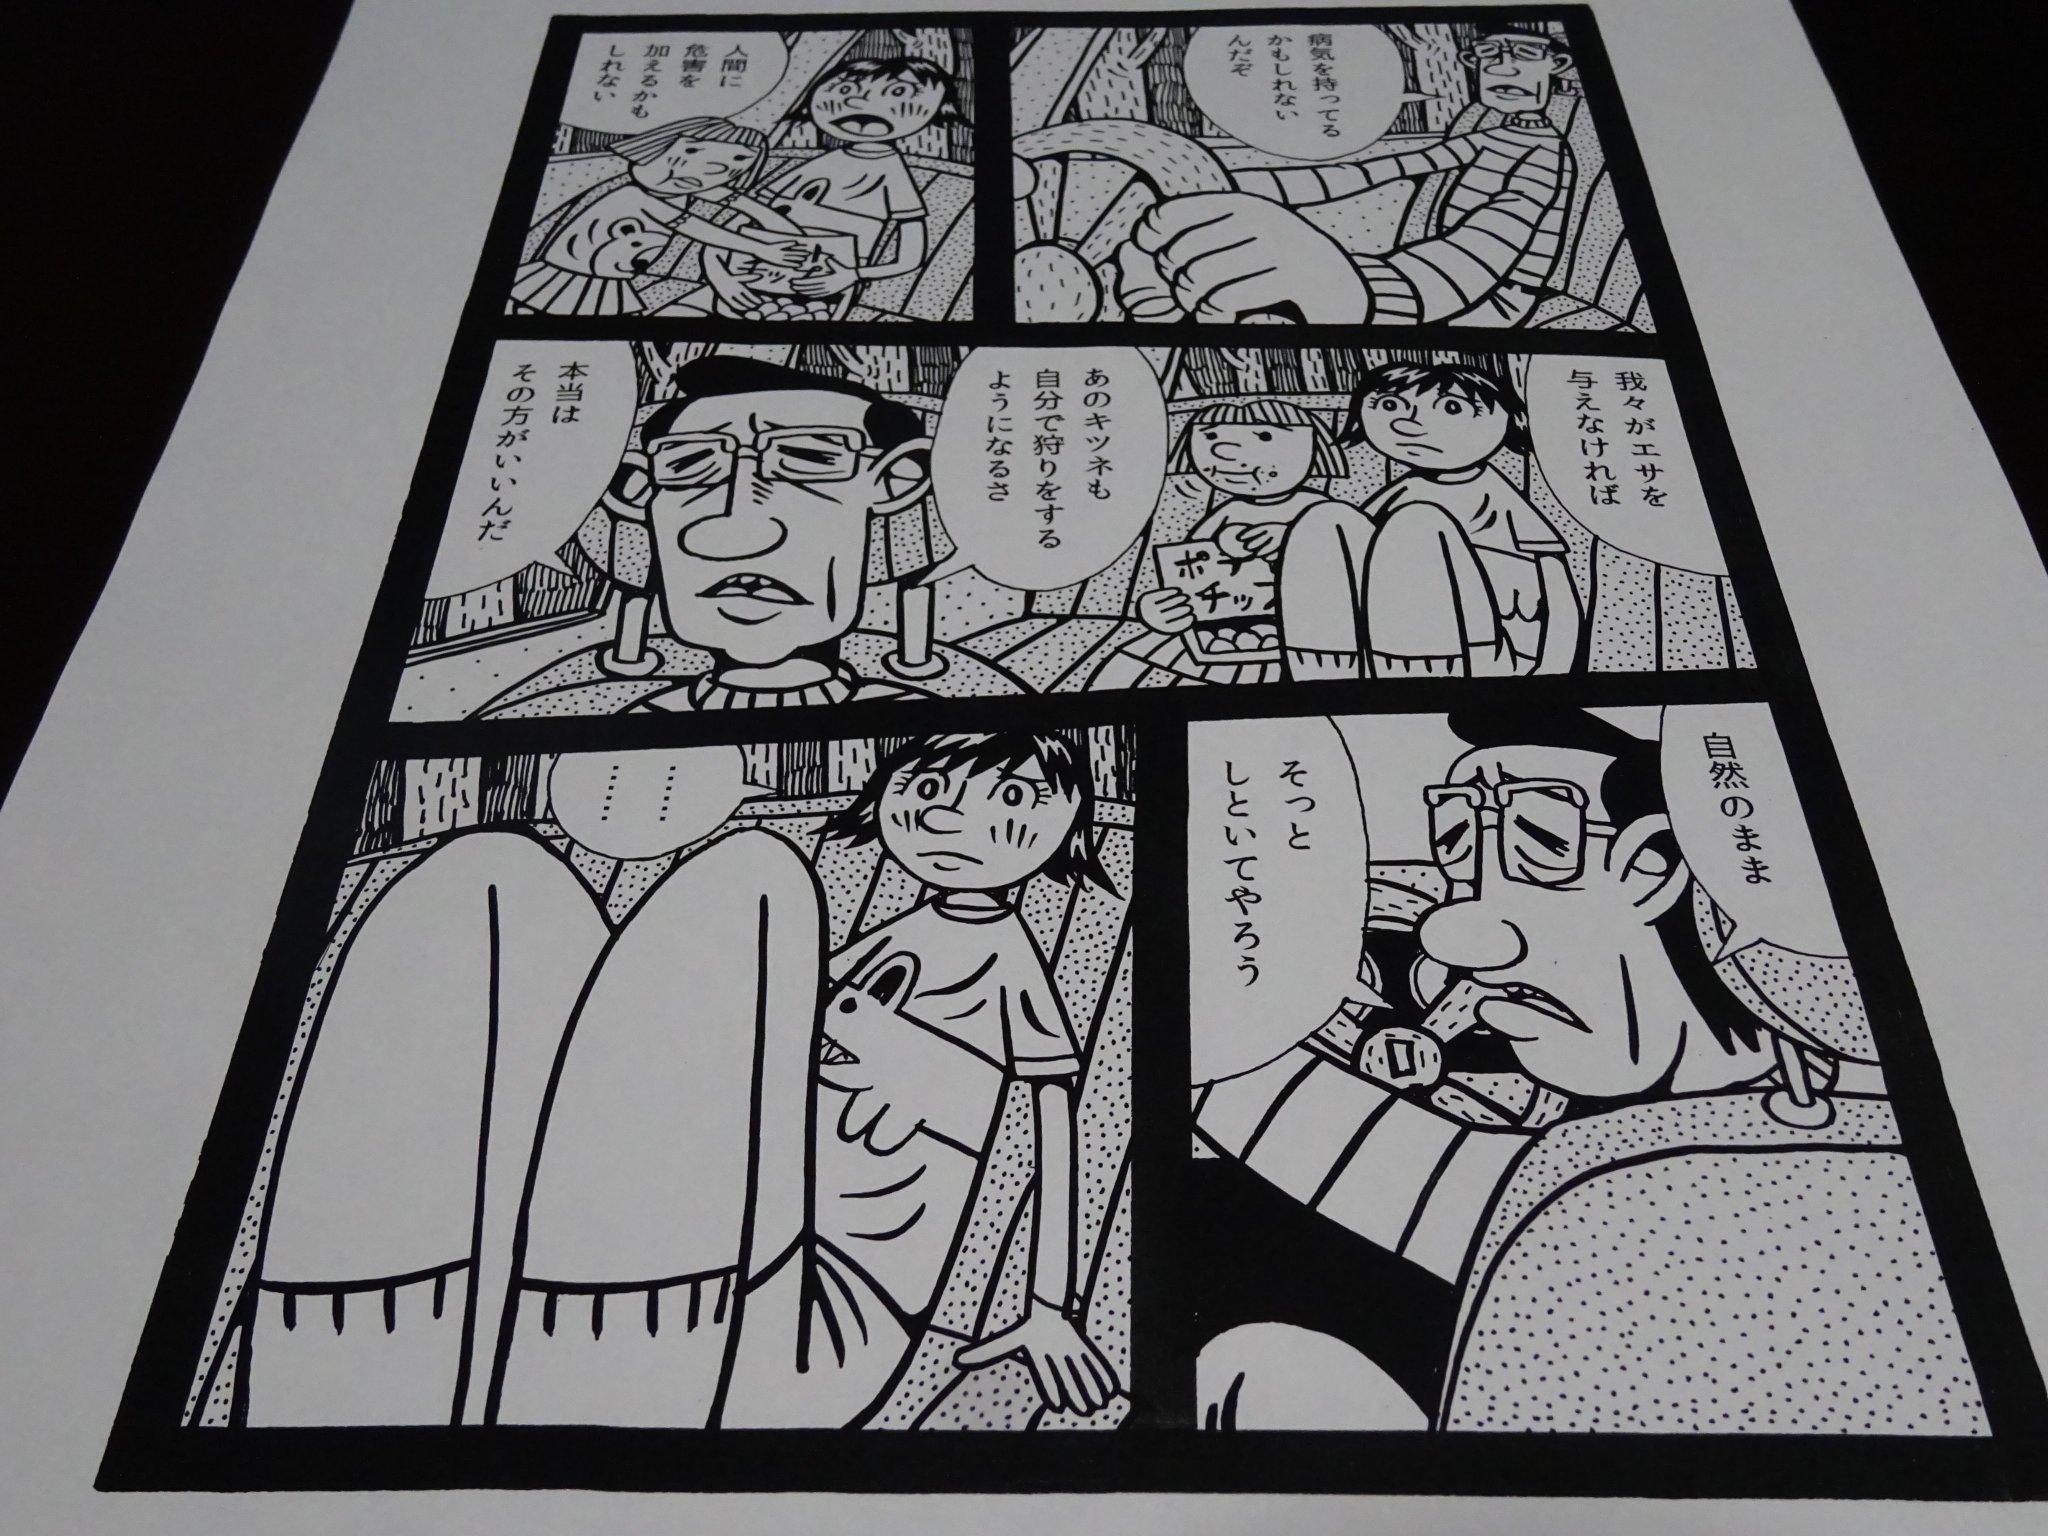 工藤正樹 北の漫画大賞受賞作品 ニセコの森で